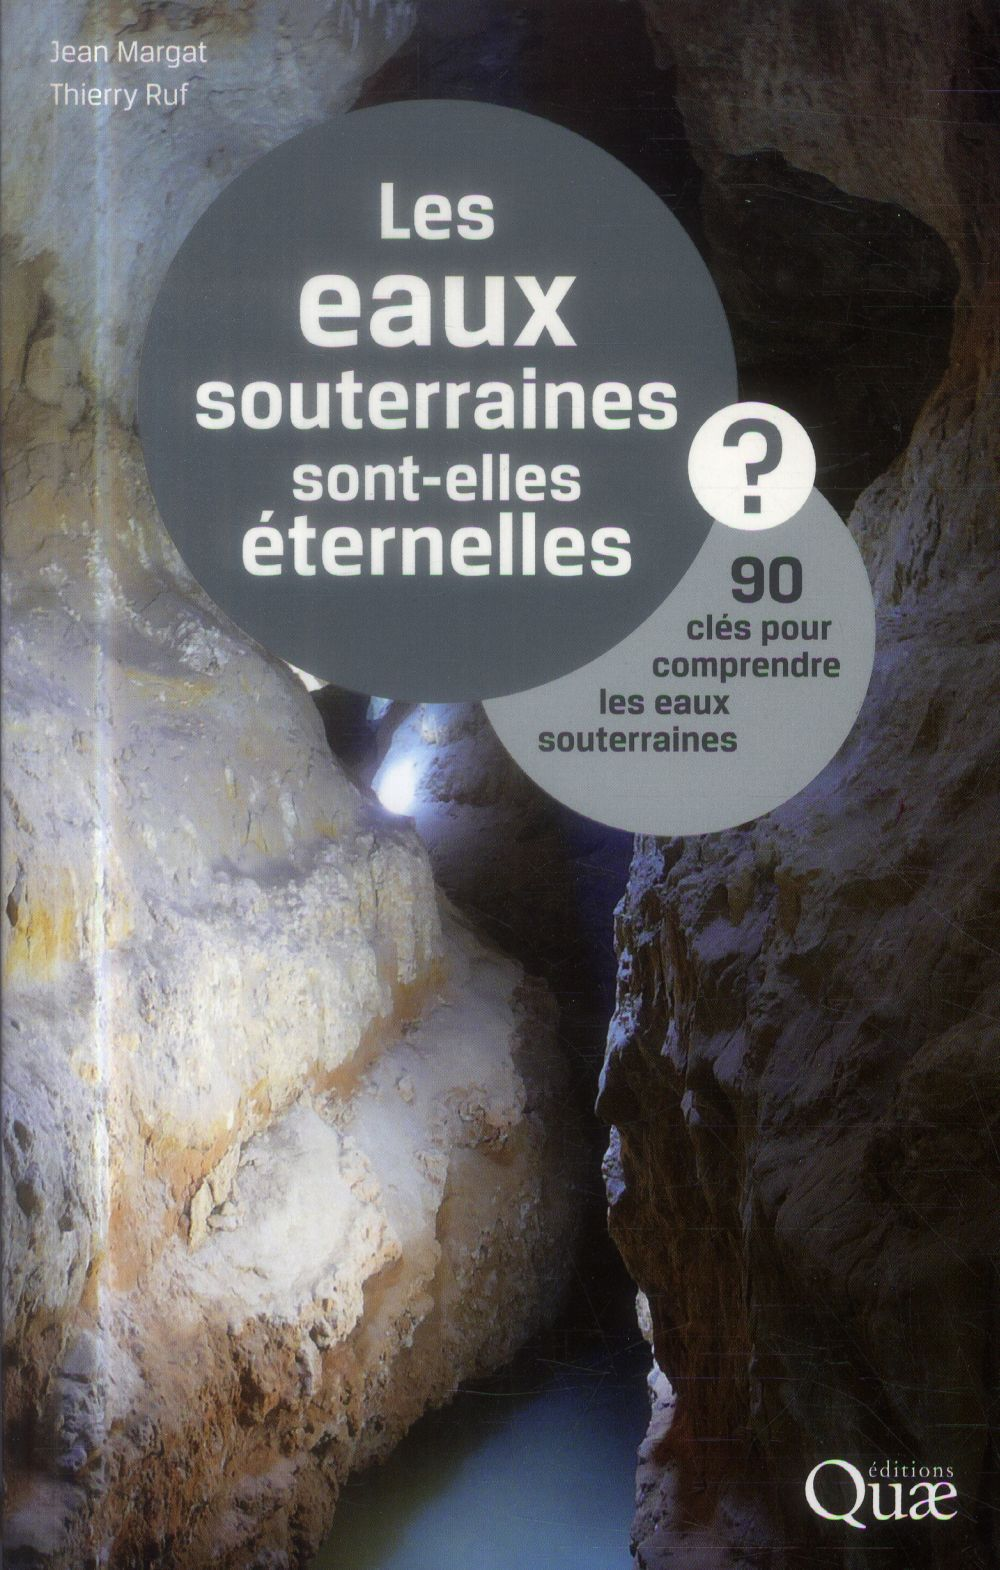 Les eaux souterraines sont-elles eternelles ?